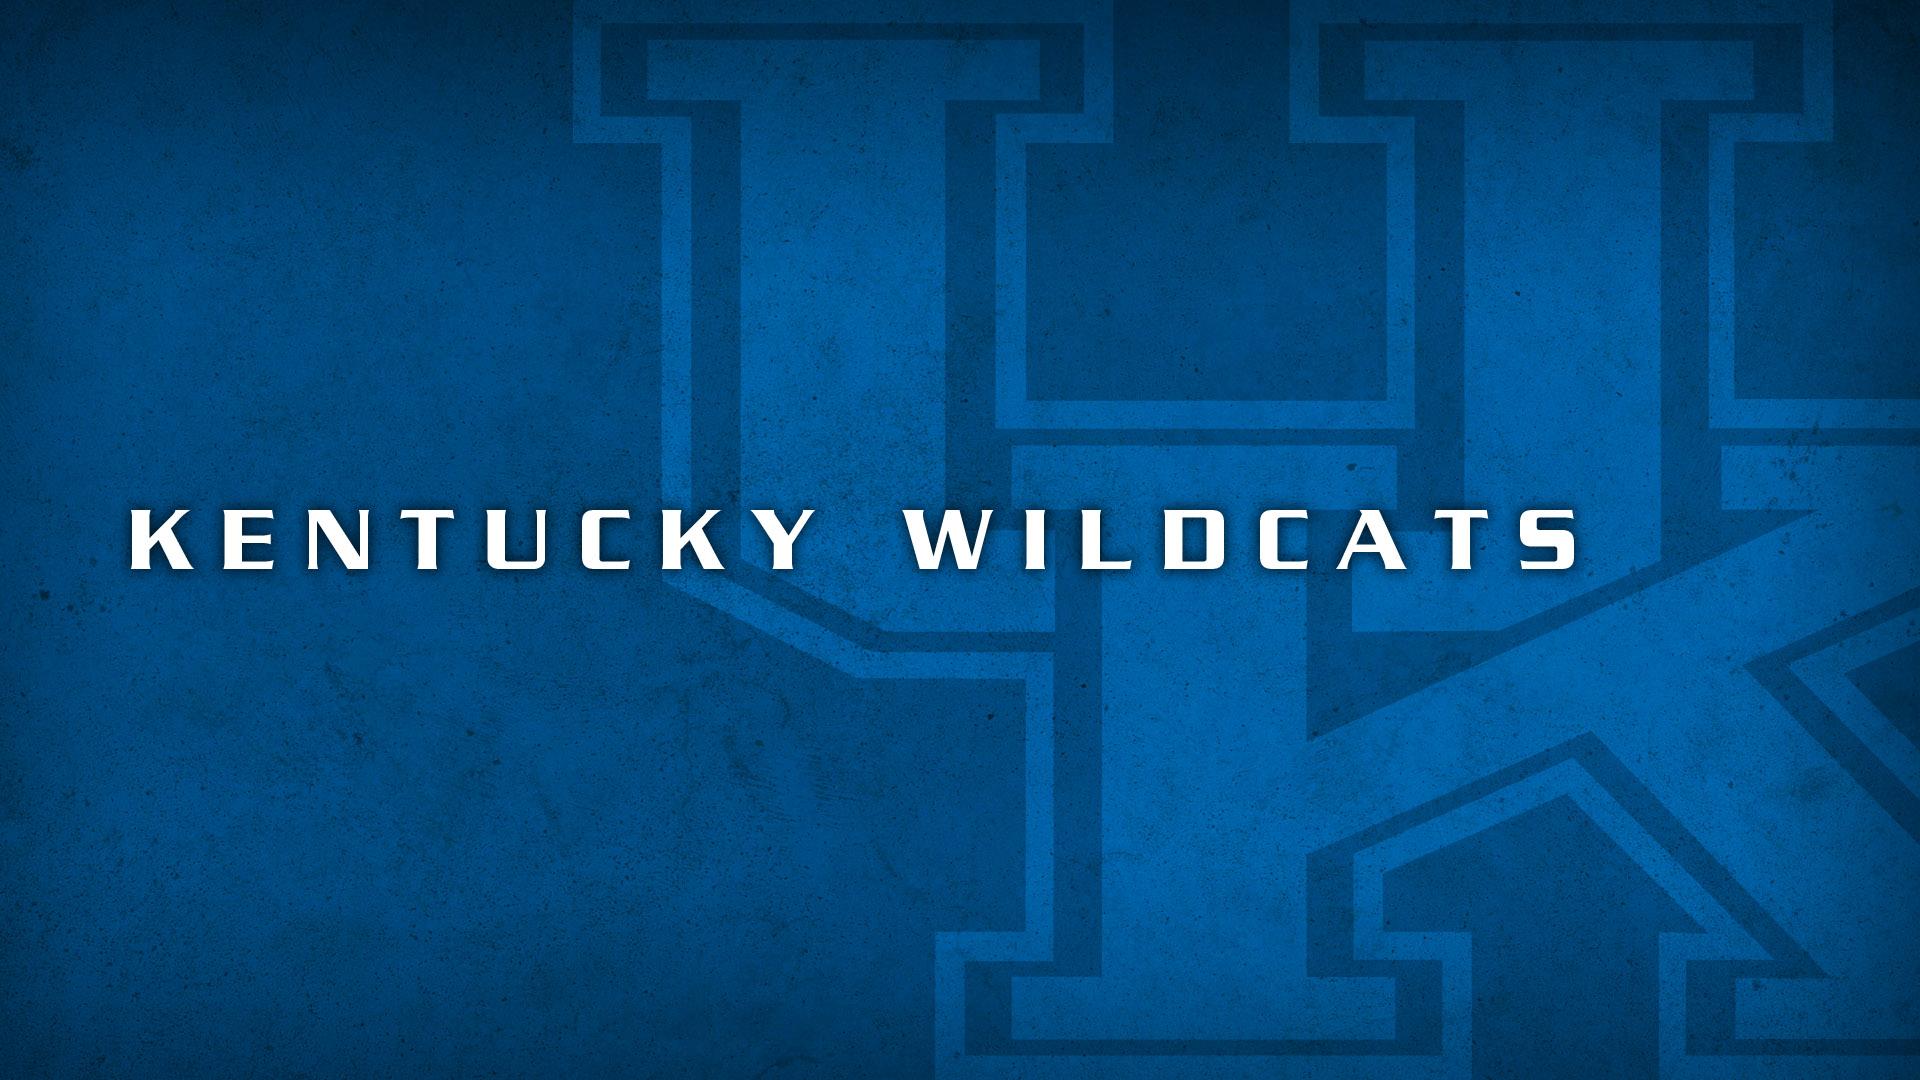 Kentucky Wildcats Logo 1920 x 1080 1600 x 1200 1920x1080